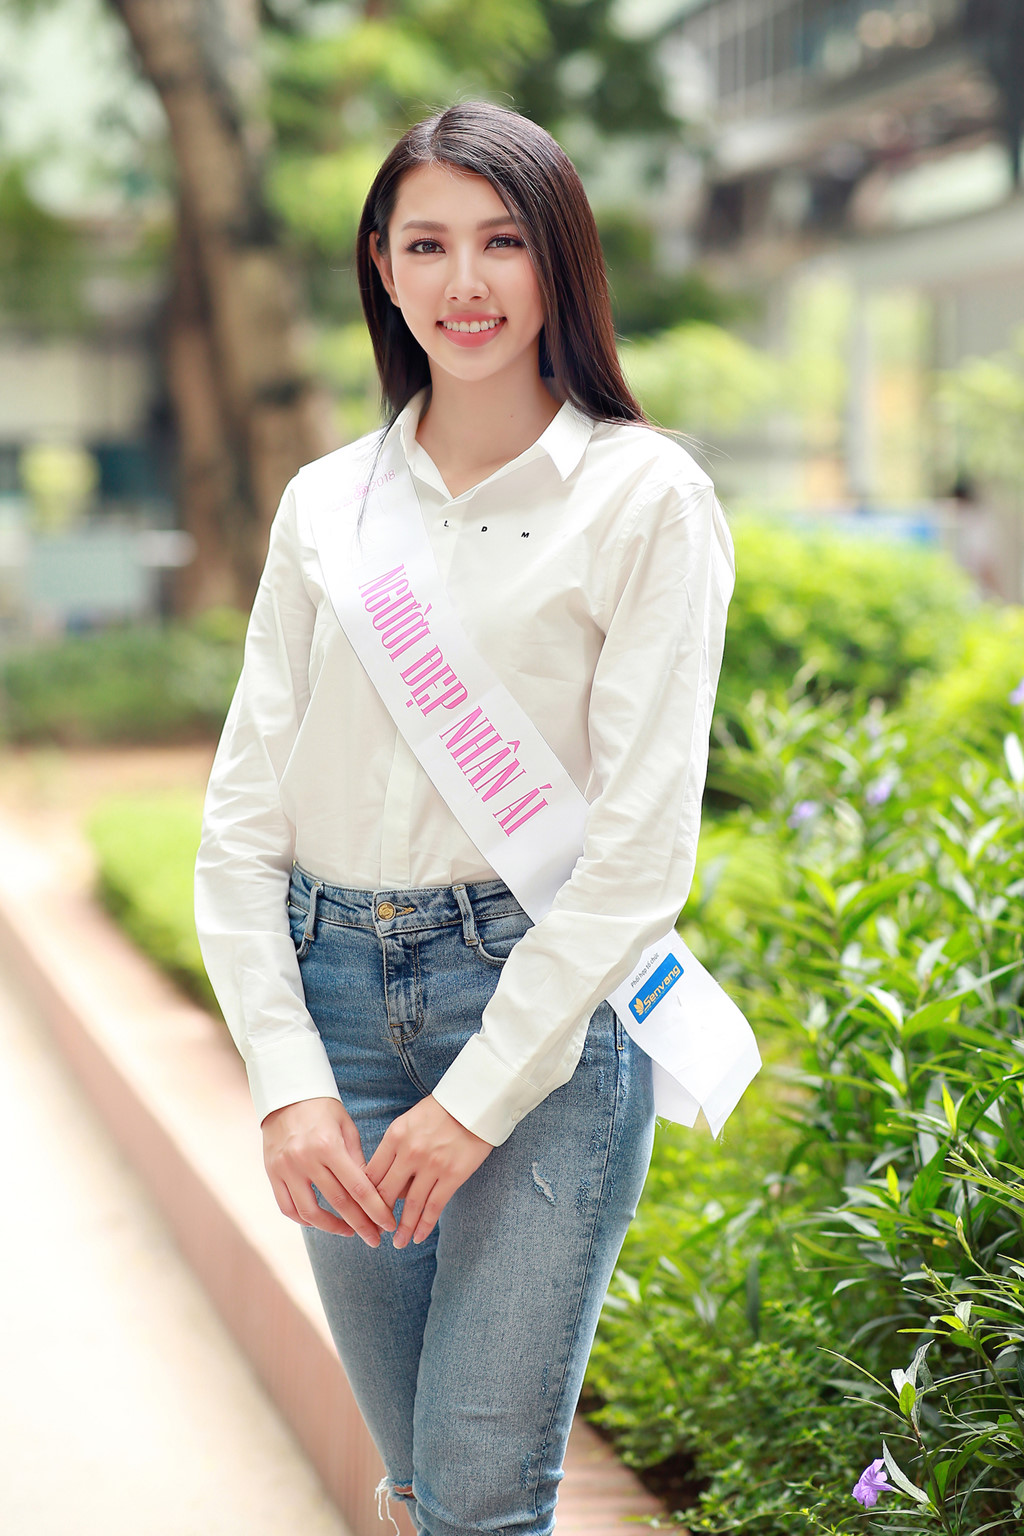 Top 5 Hoa hậu Việt Nam làm việc 18 tiếng/ngày, kiếm từ 60.000 đồng - Ảnh 4